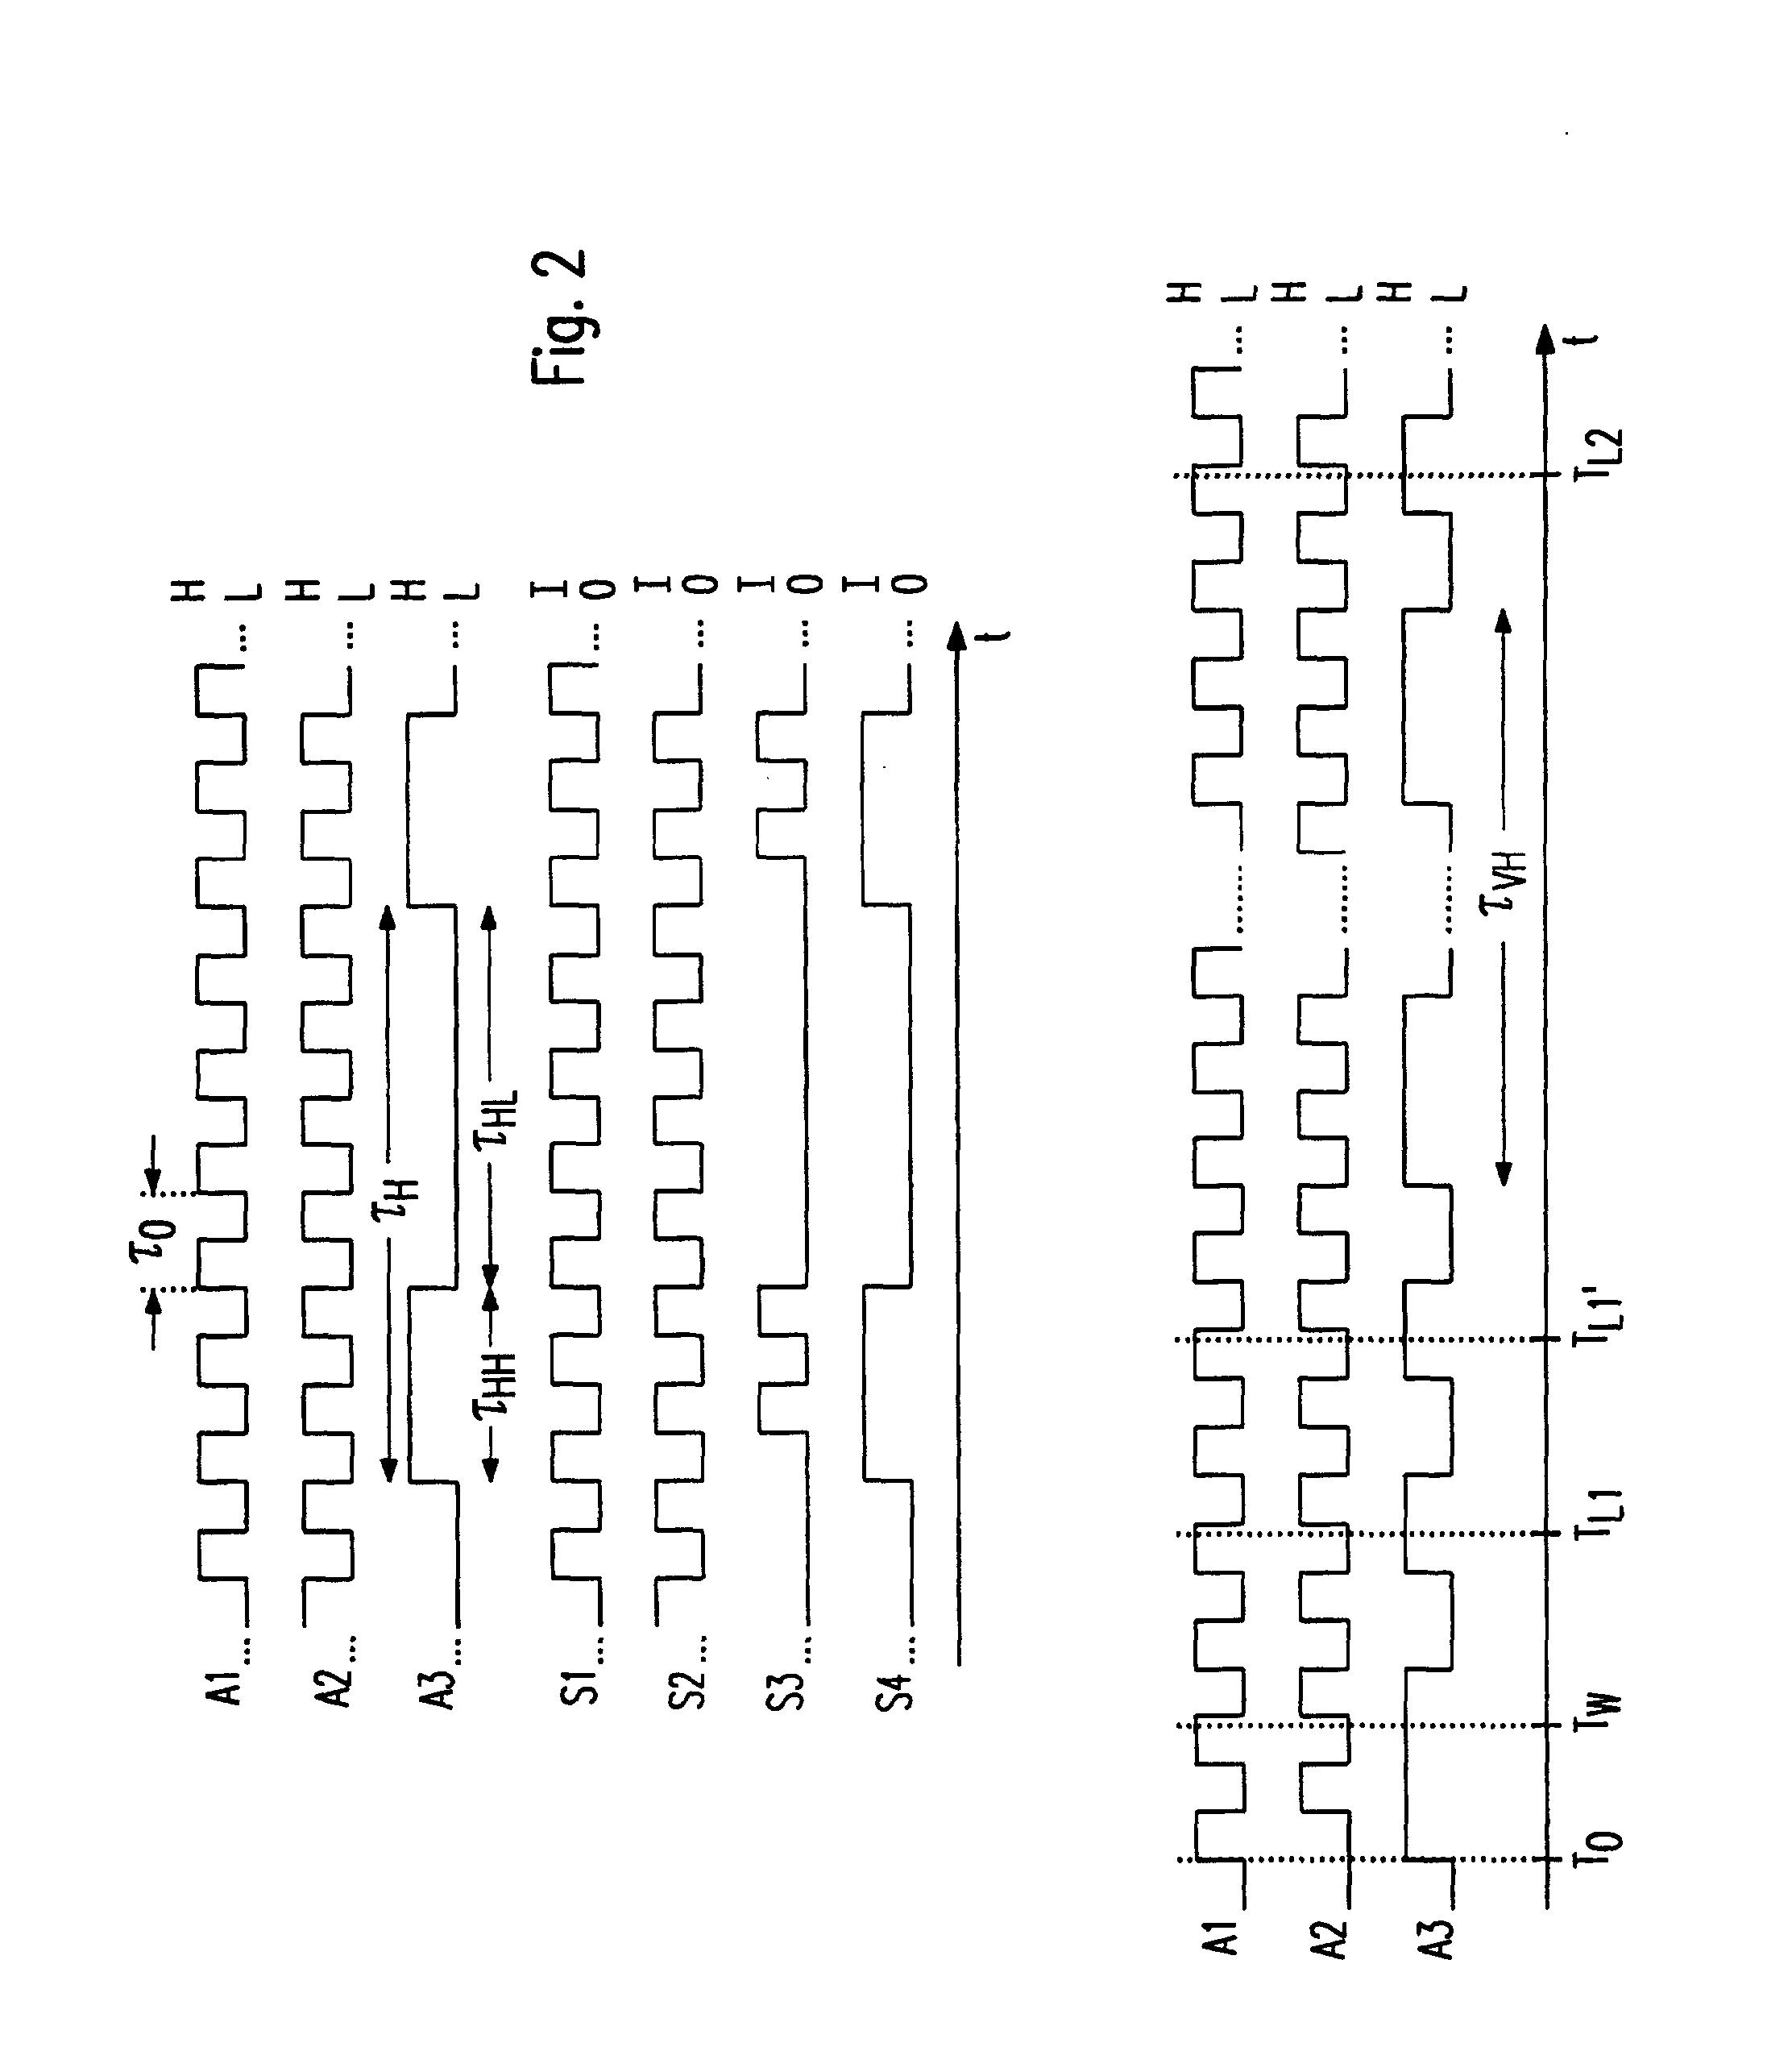 00320001 Spannende Elektronisches Vorschaltgerät Leuchtstofflampe Schaltplan Dekorationen